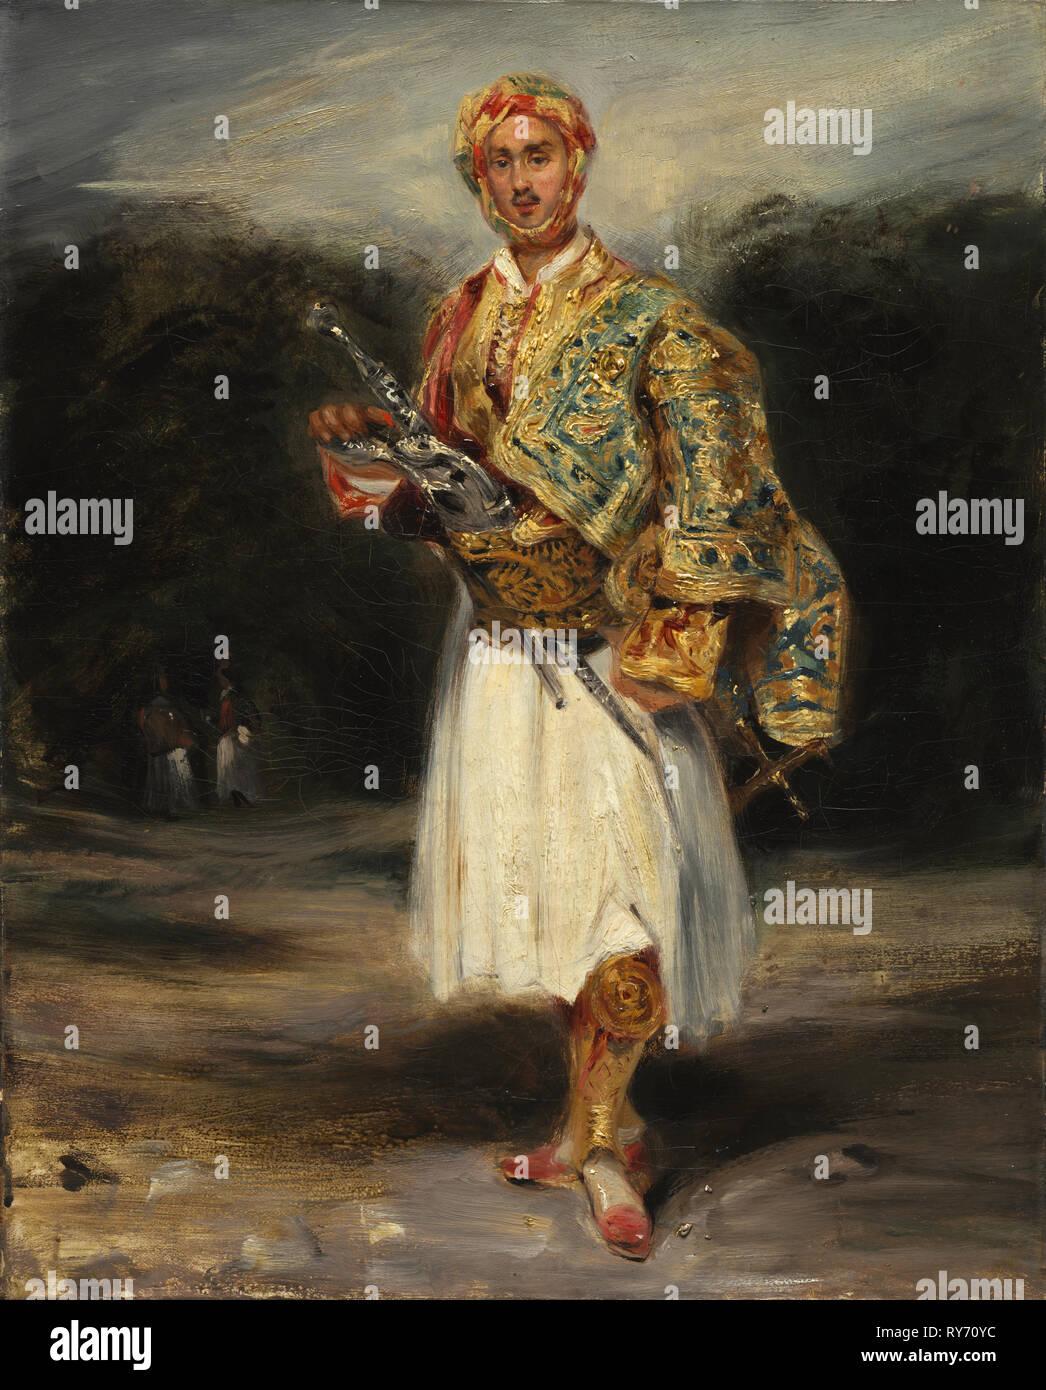 Count Demetrius Palatiano Suliot de en costume, non daté. Imitateur d'Eugène Delacroix (Français, 1798-1863). Huile sur toile, 40,7 x 33,2 sans cadre: 16 x 13 cm (1/16 po Banque D'Images